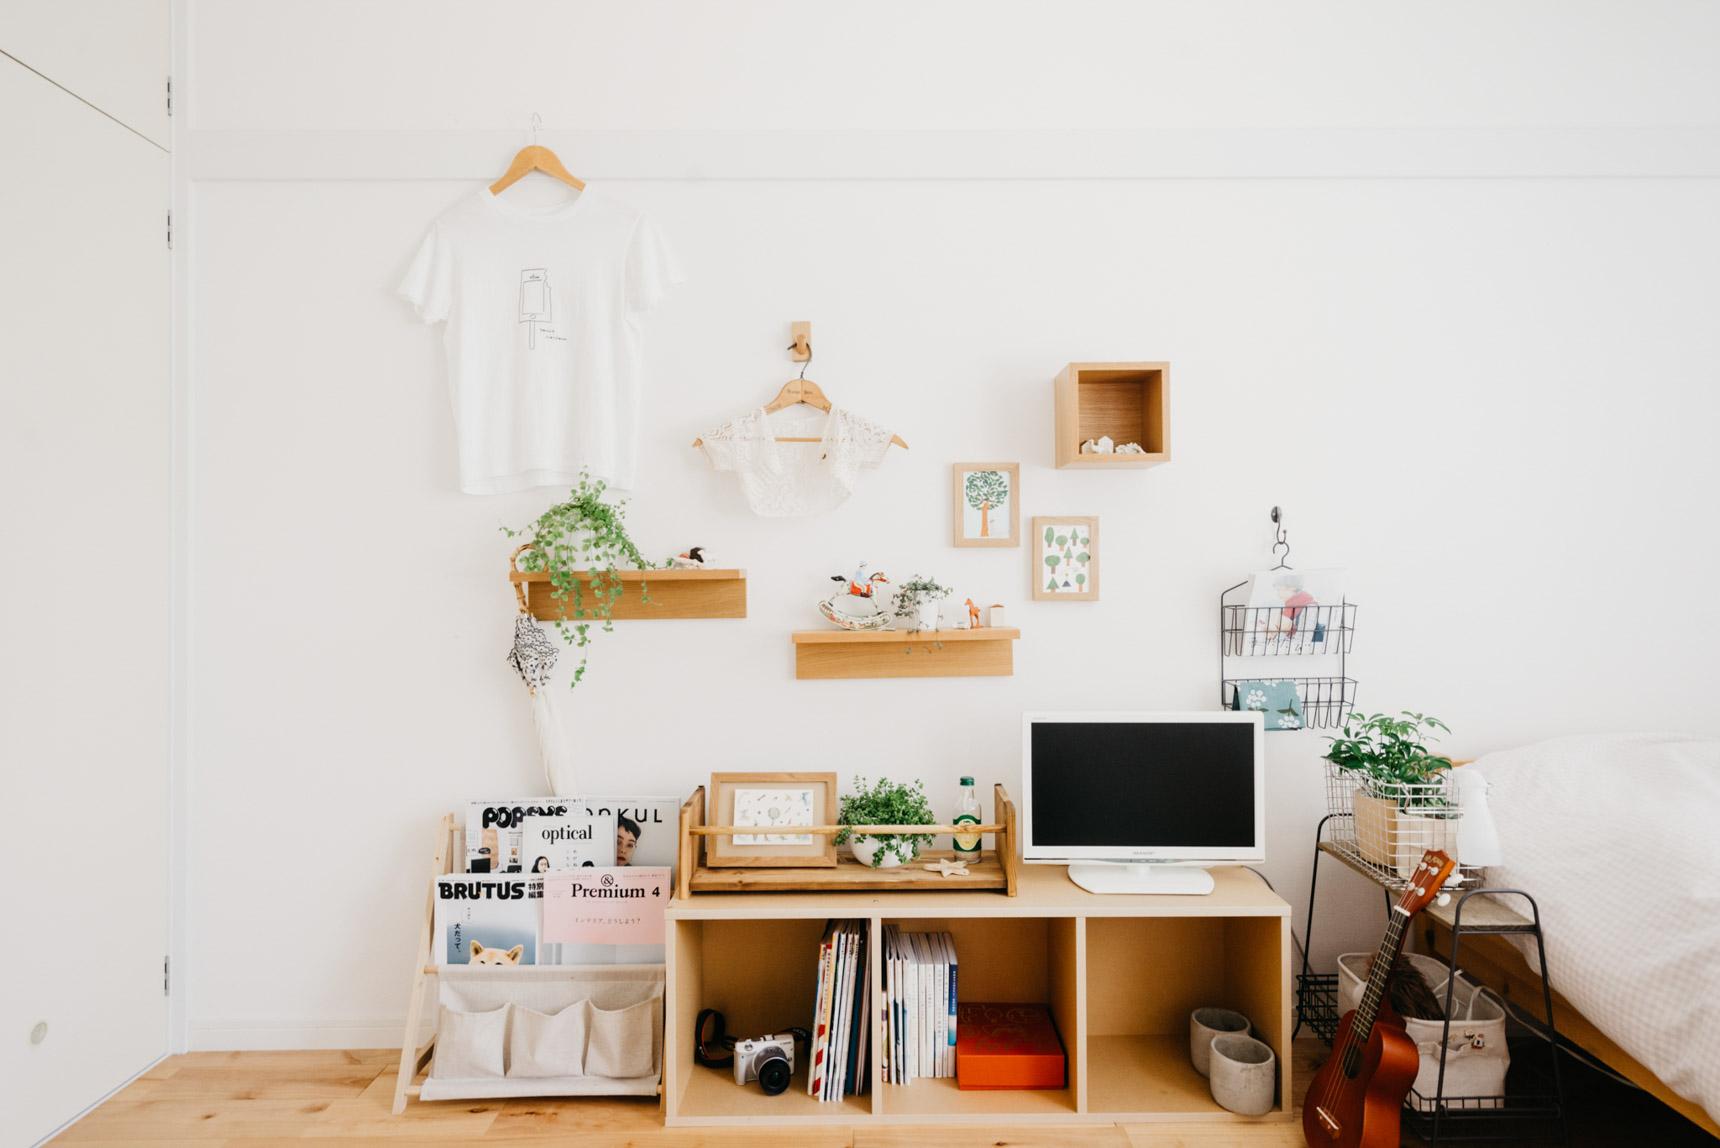 たくさんのお気に入りの雑貨を楽しく飾られているch__i.xixiさんのお部屋。